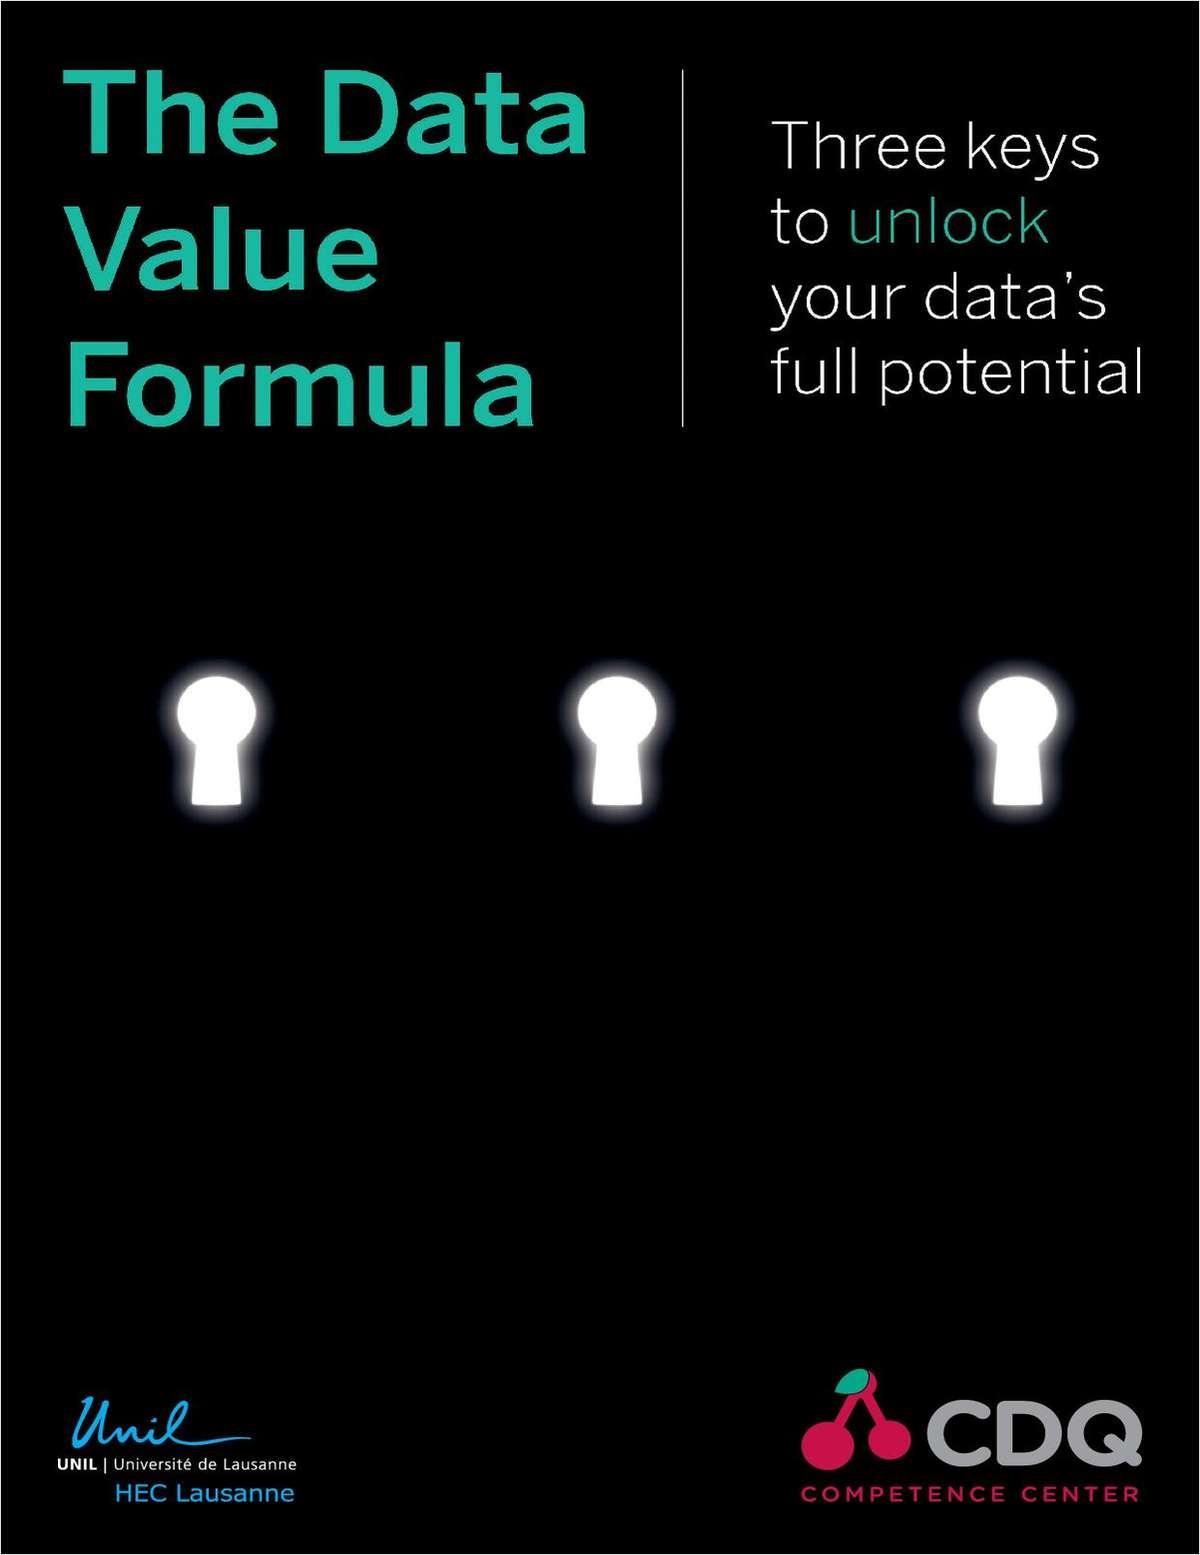 The Data Value Formula